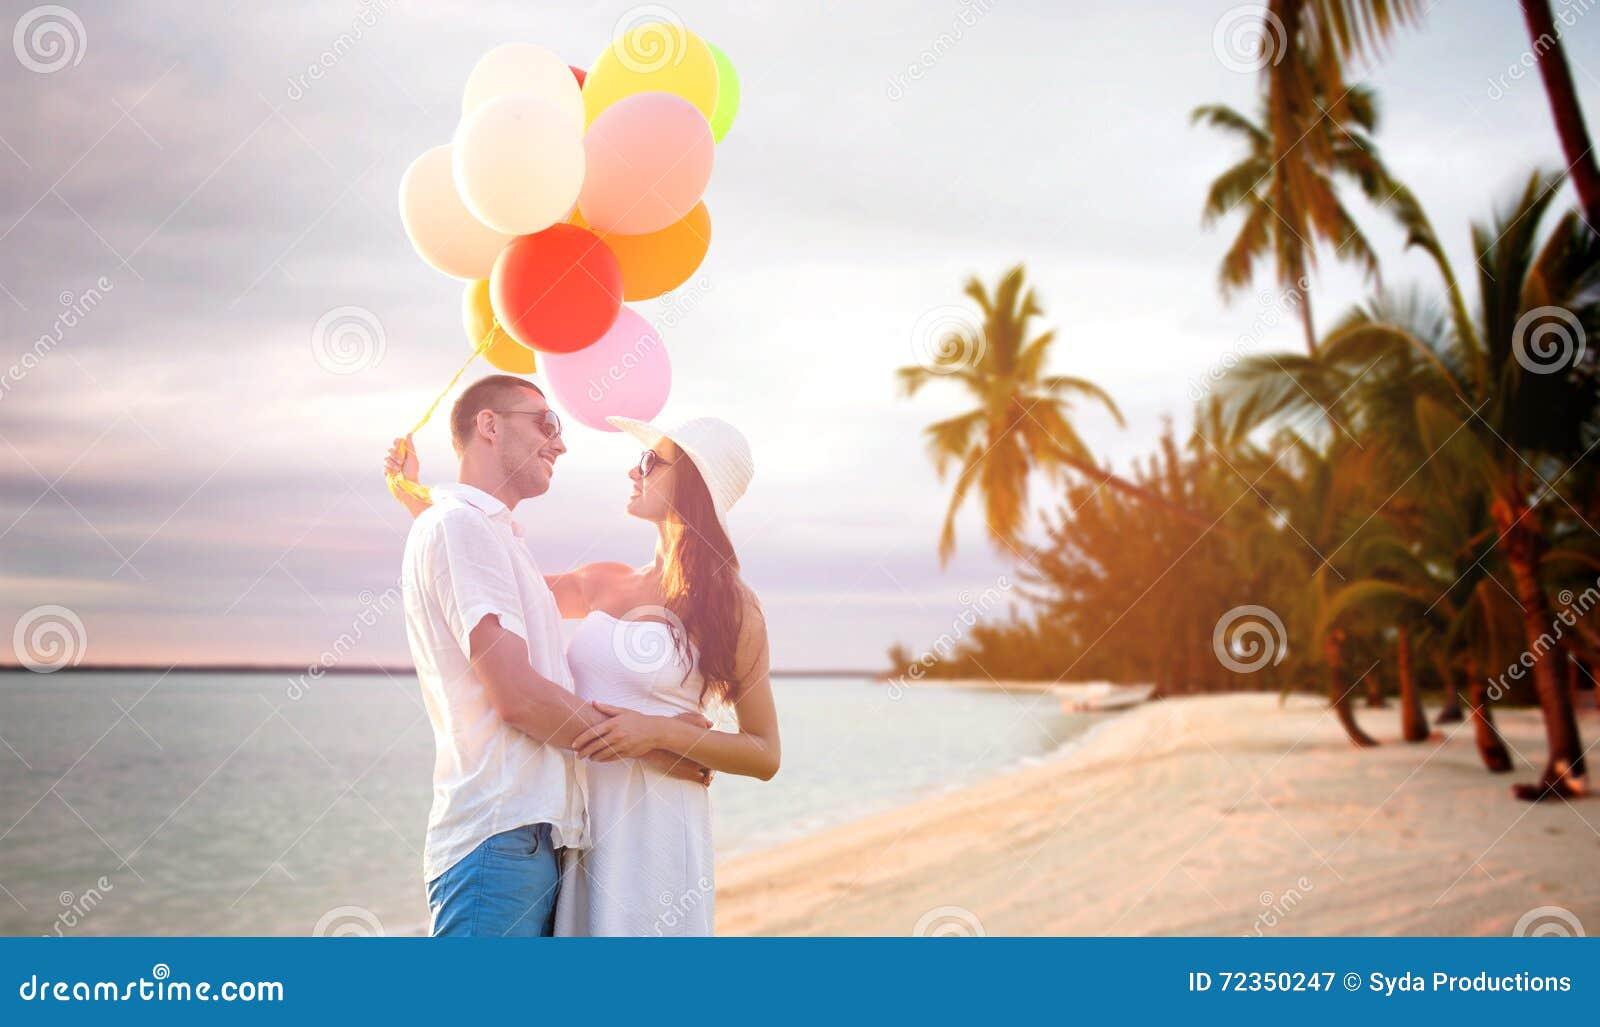 微笑的加上气球户外